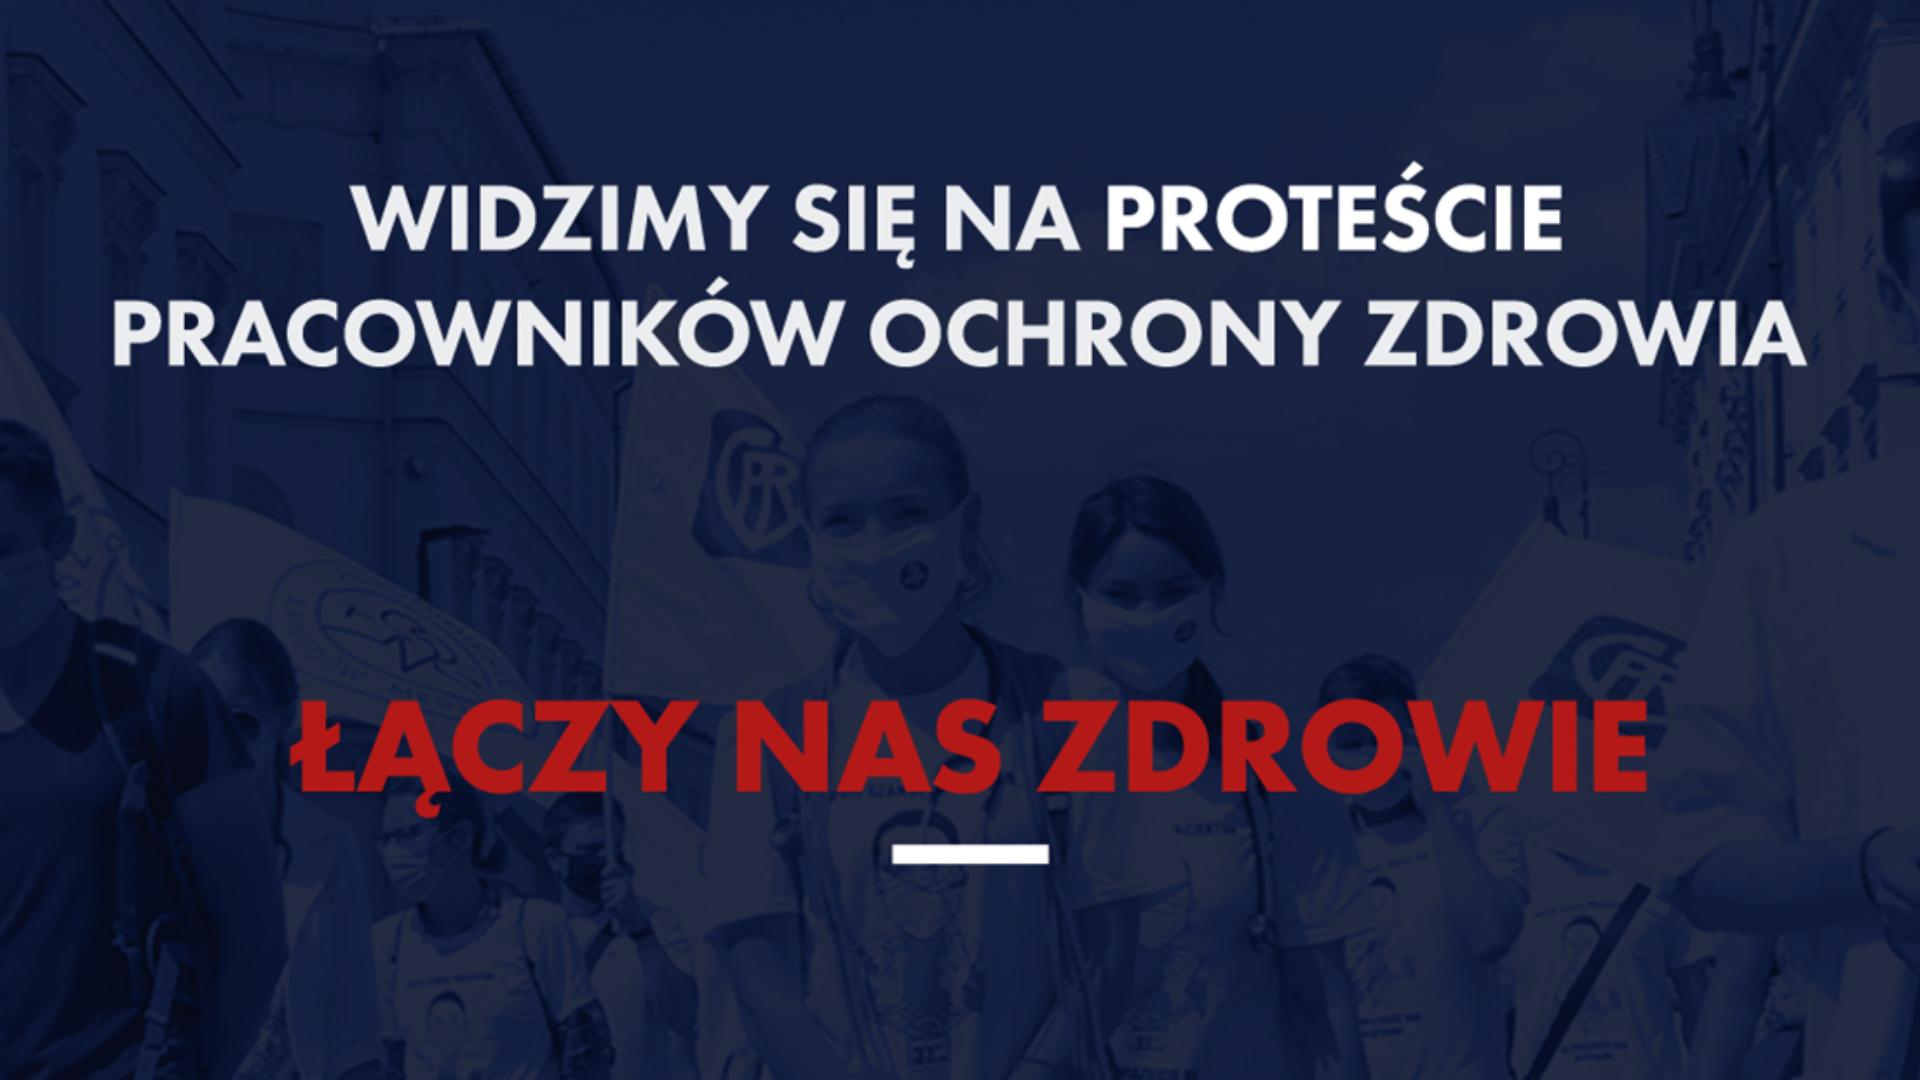 Przypominamy i zapraszamy - 11 września br. odbędzie się protest pracowników ochrony zdrowia.